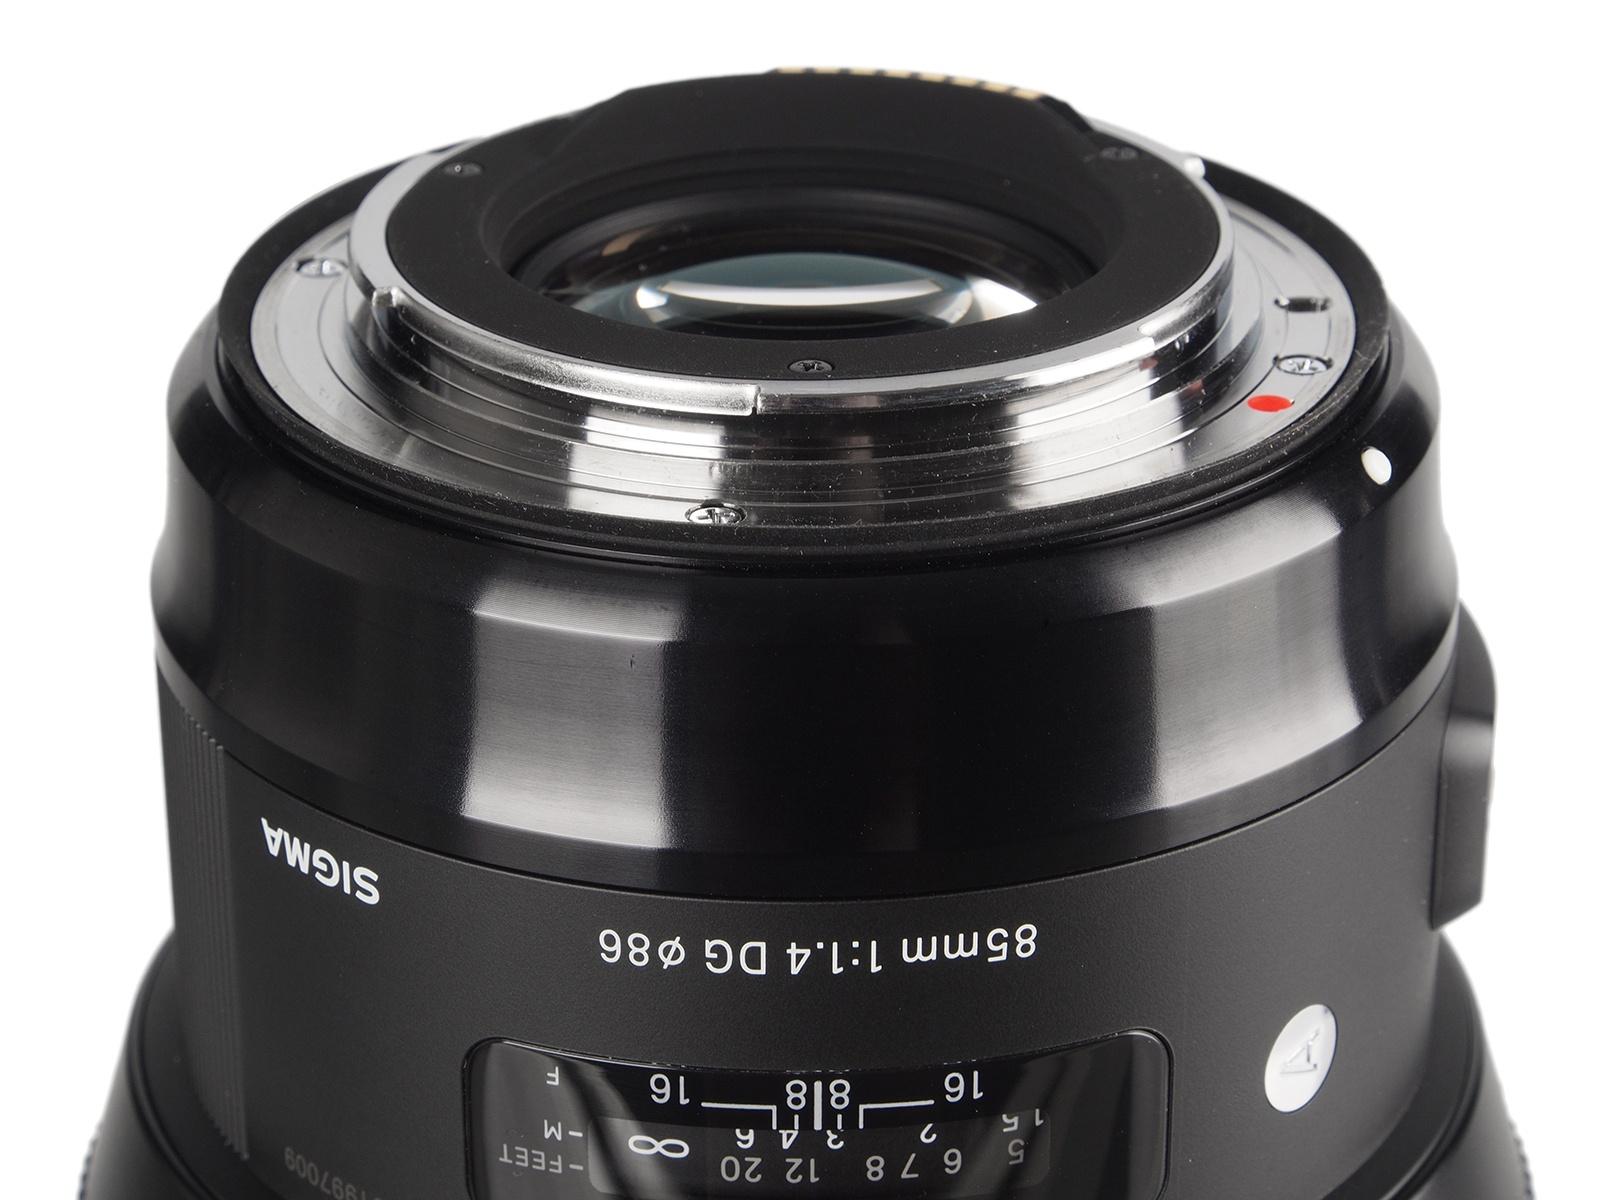 Sigma 85mm F 14 Dg Hsm Art Teszt Ex For Nikon A Korbbi Modellhez Kpest Mind Mretben Tmegben Jval Komolyabb J Modell 11 Helyett Lencsetagbl Pl Fel